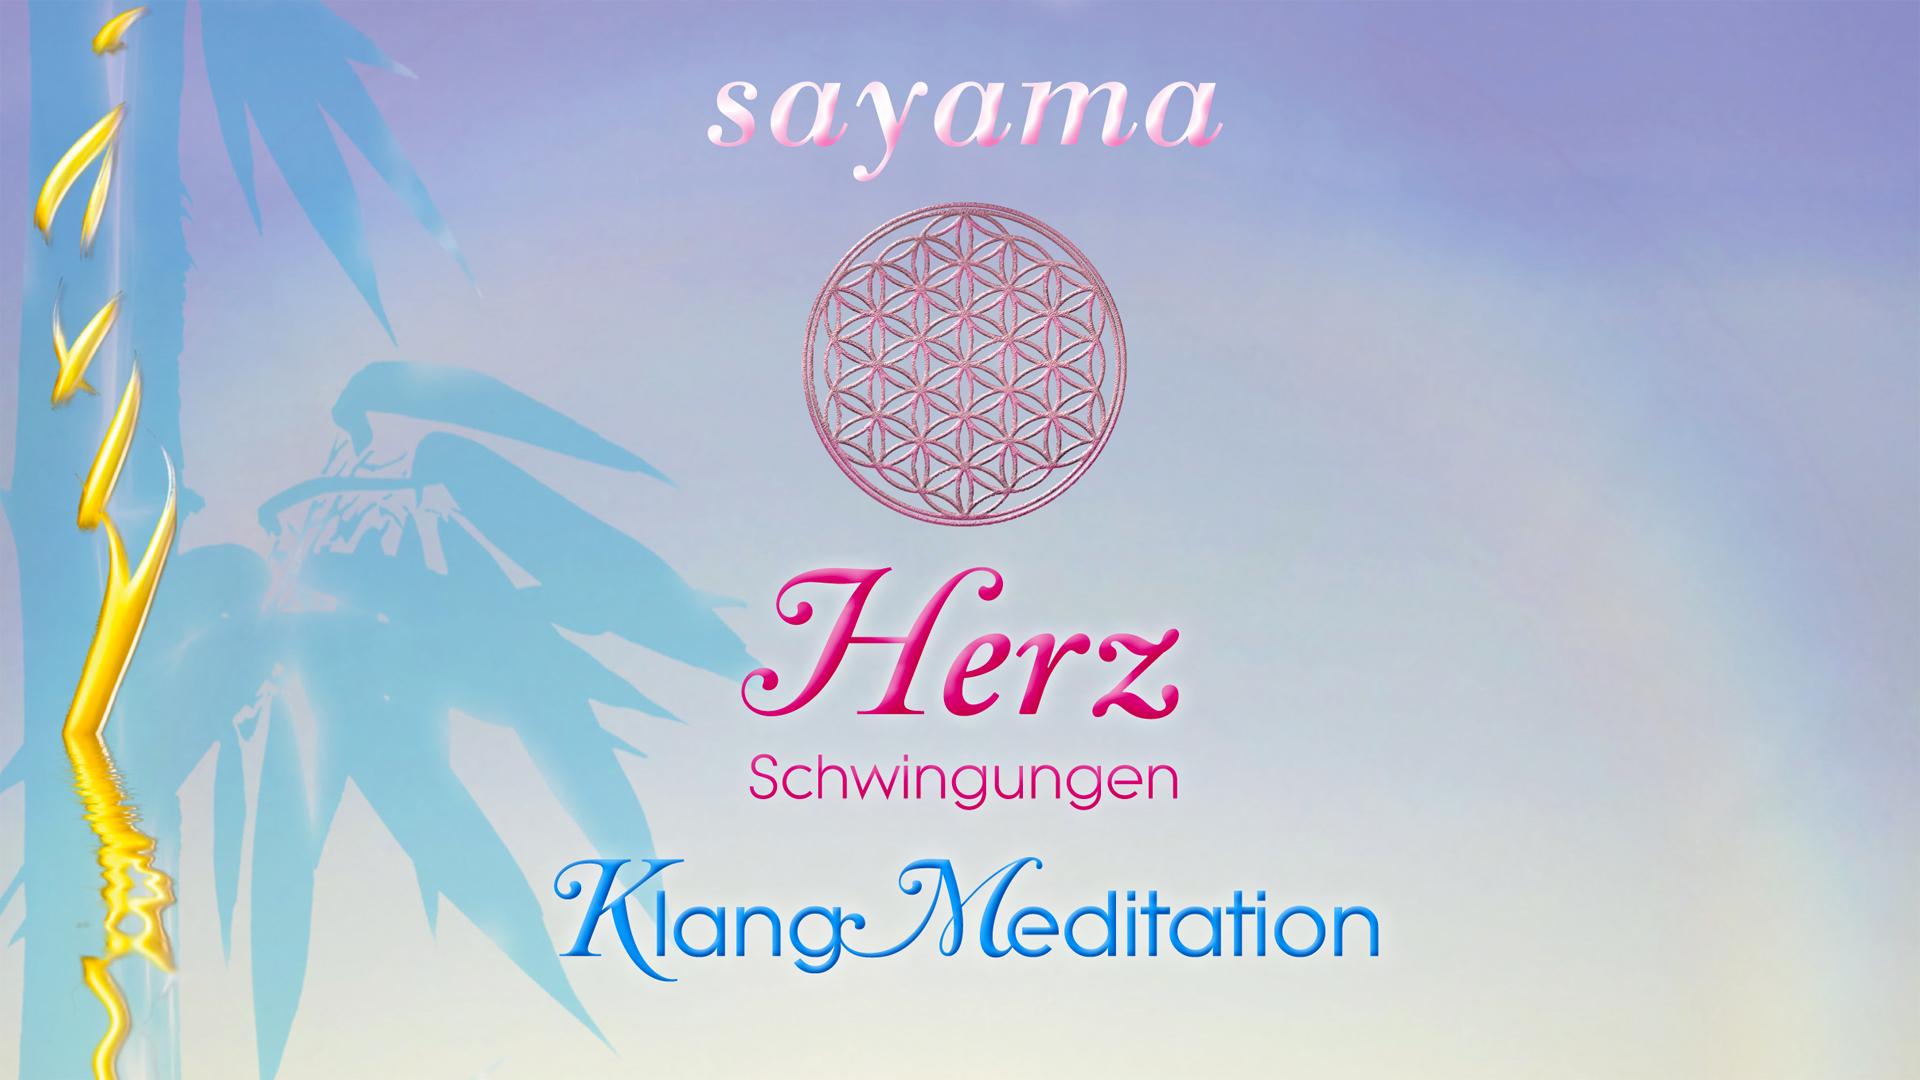 """Herzlich Willkommen zur """"Herz Schwingungen Klang ~ Meditation"""" bei der Tag- & Nachtgleiche zum Frühlingsanfang"""